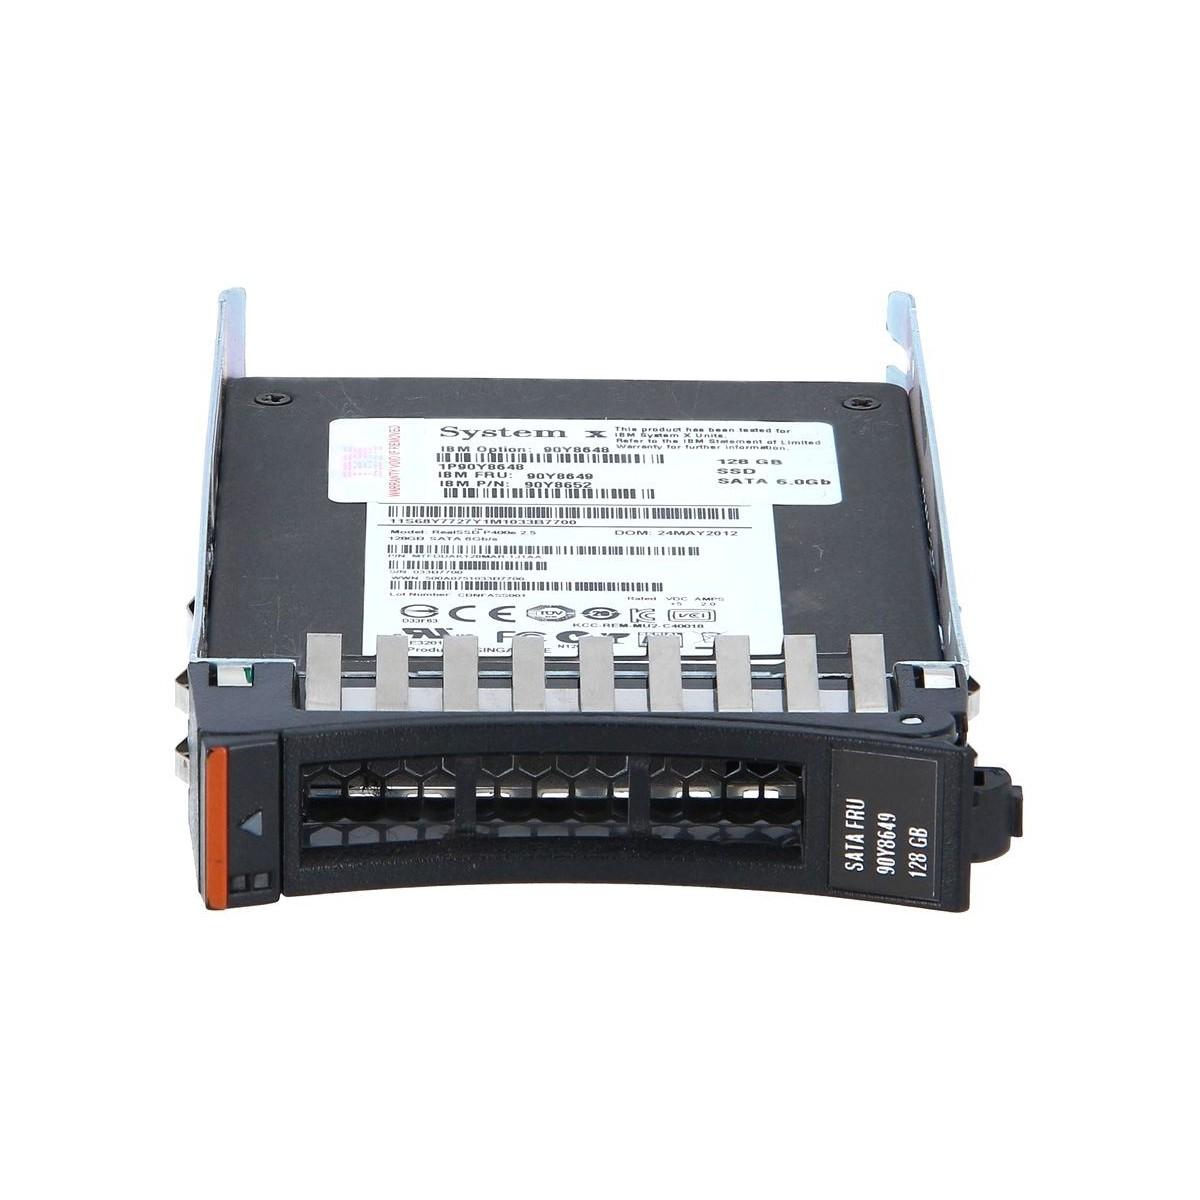 STREAMER HP STORAGEWORKS DAT 40 USB DW022A